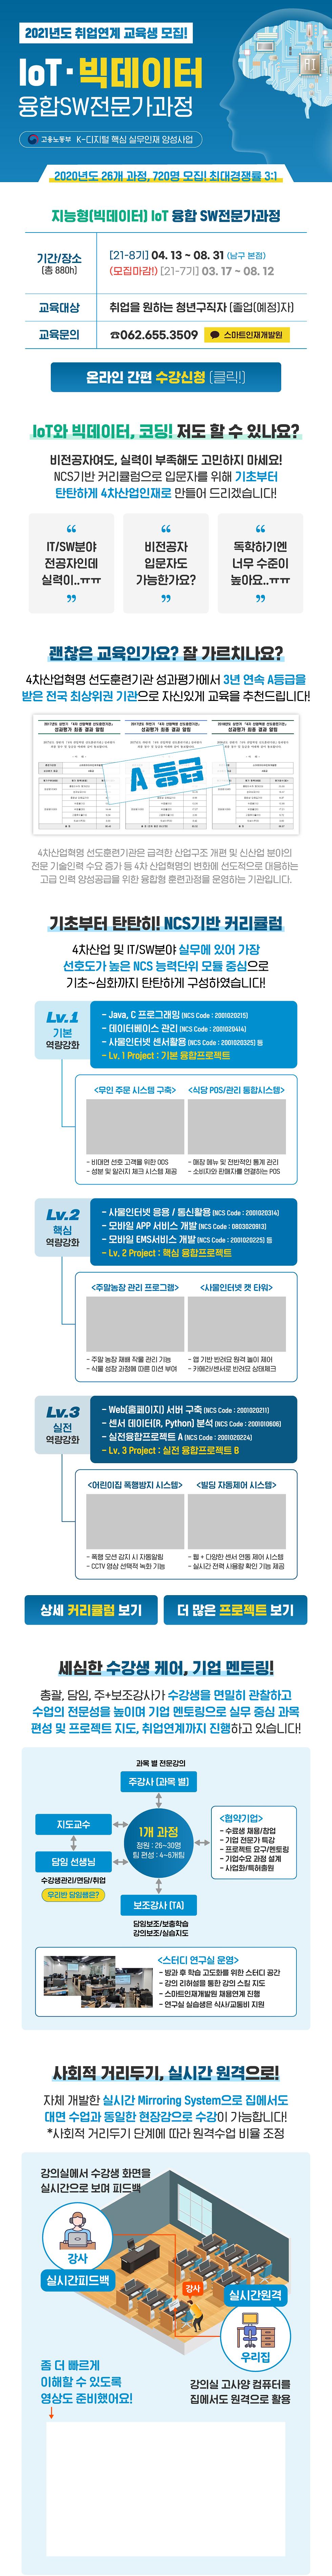 패캠모티브(2021-K-IoT).png